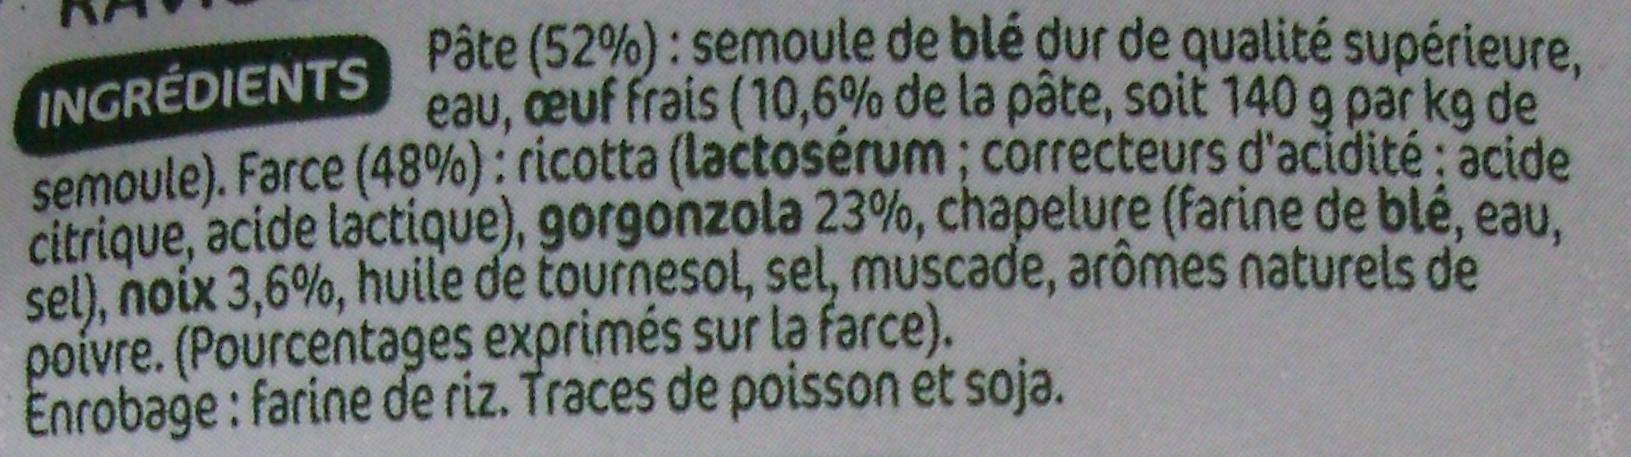 Ravioli gorgonsola noix - Inhaltsstoffe - fr